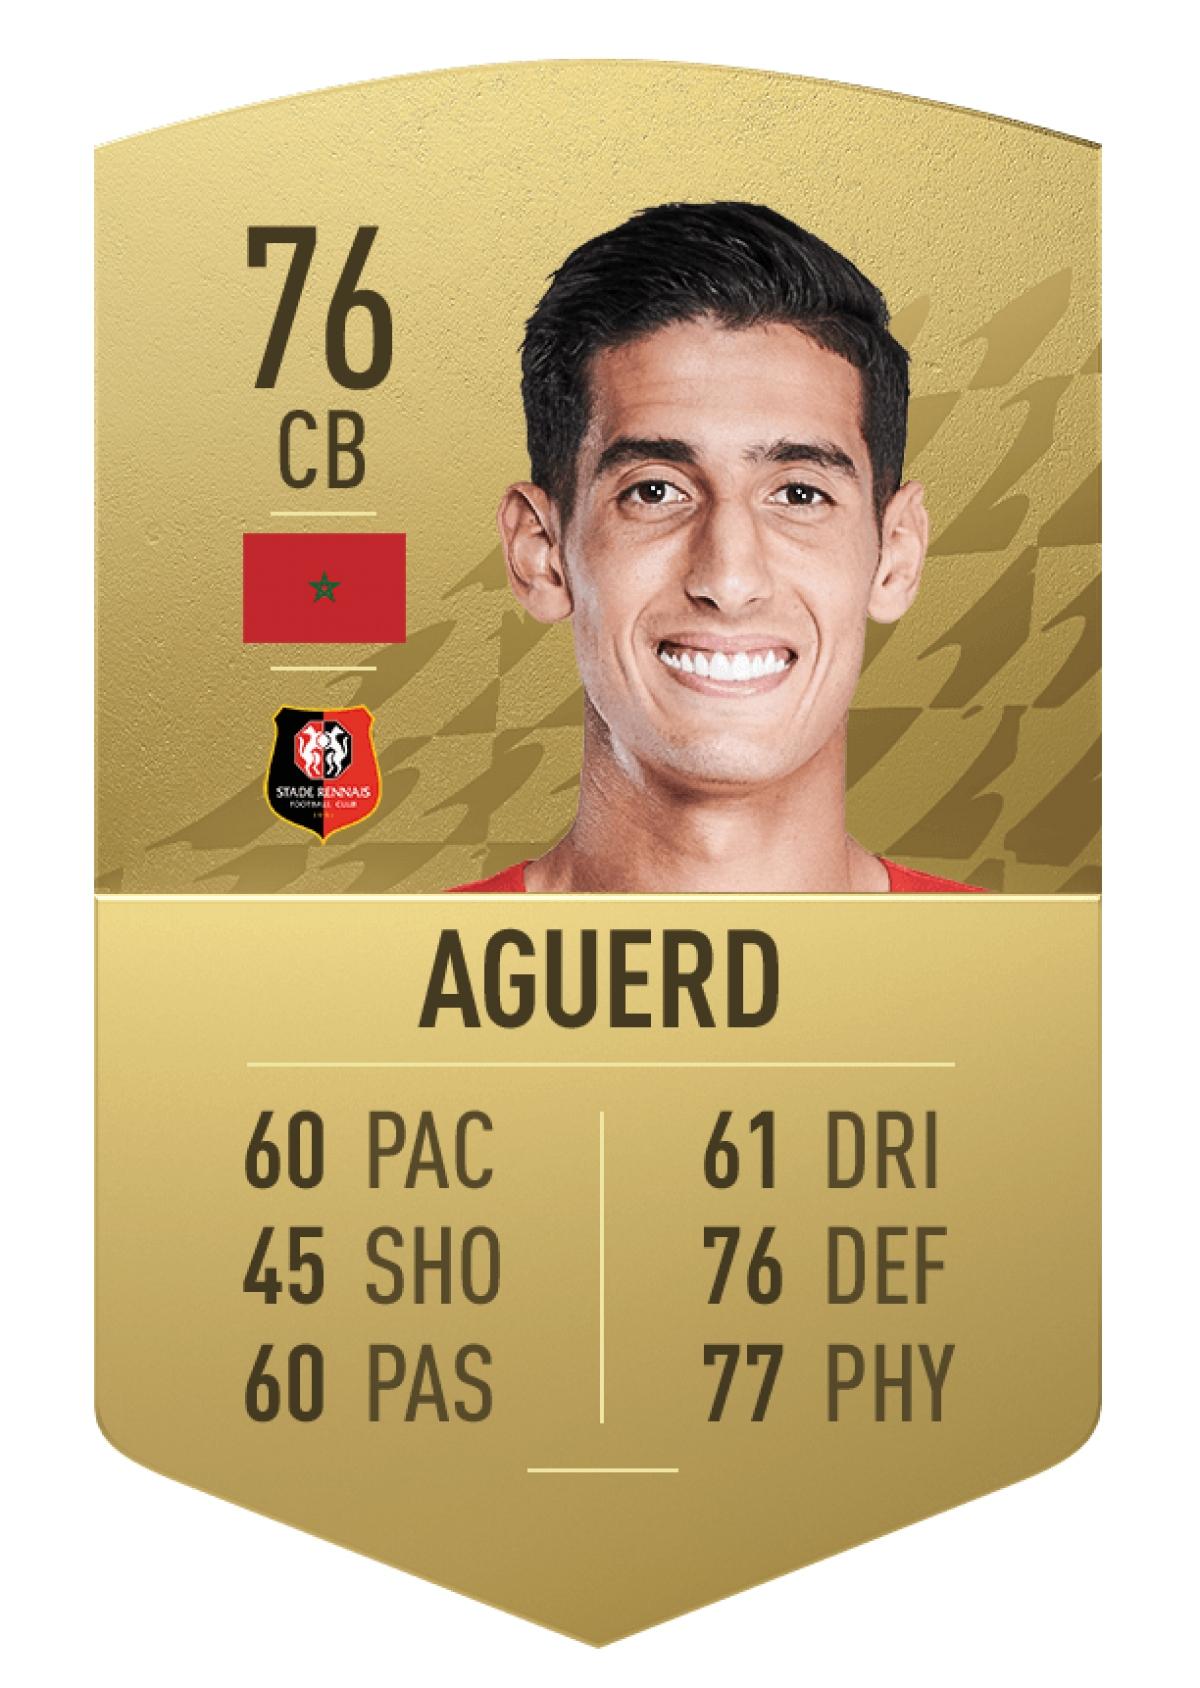 10. Trung vệ Nayef Aguerd | Rennes | Tổng chỉ số: 76 (+11 so với FIFA 21)